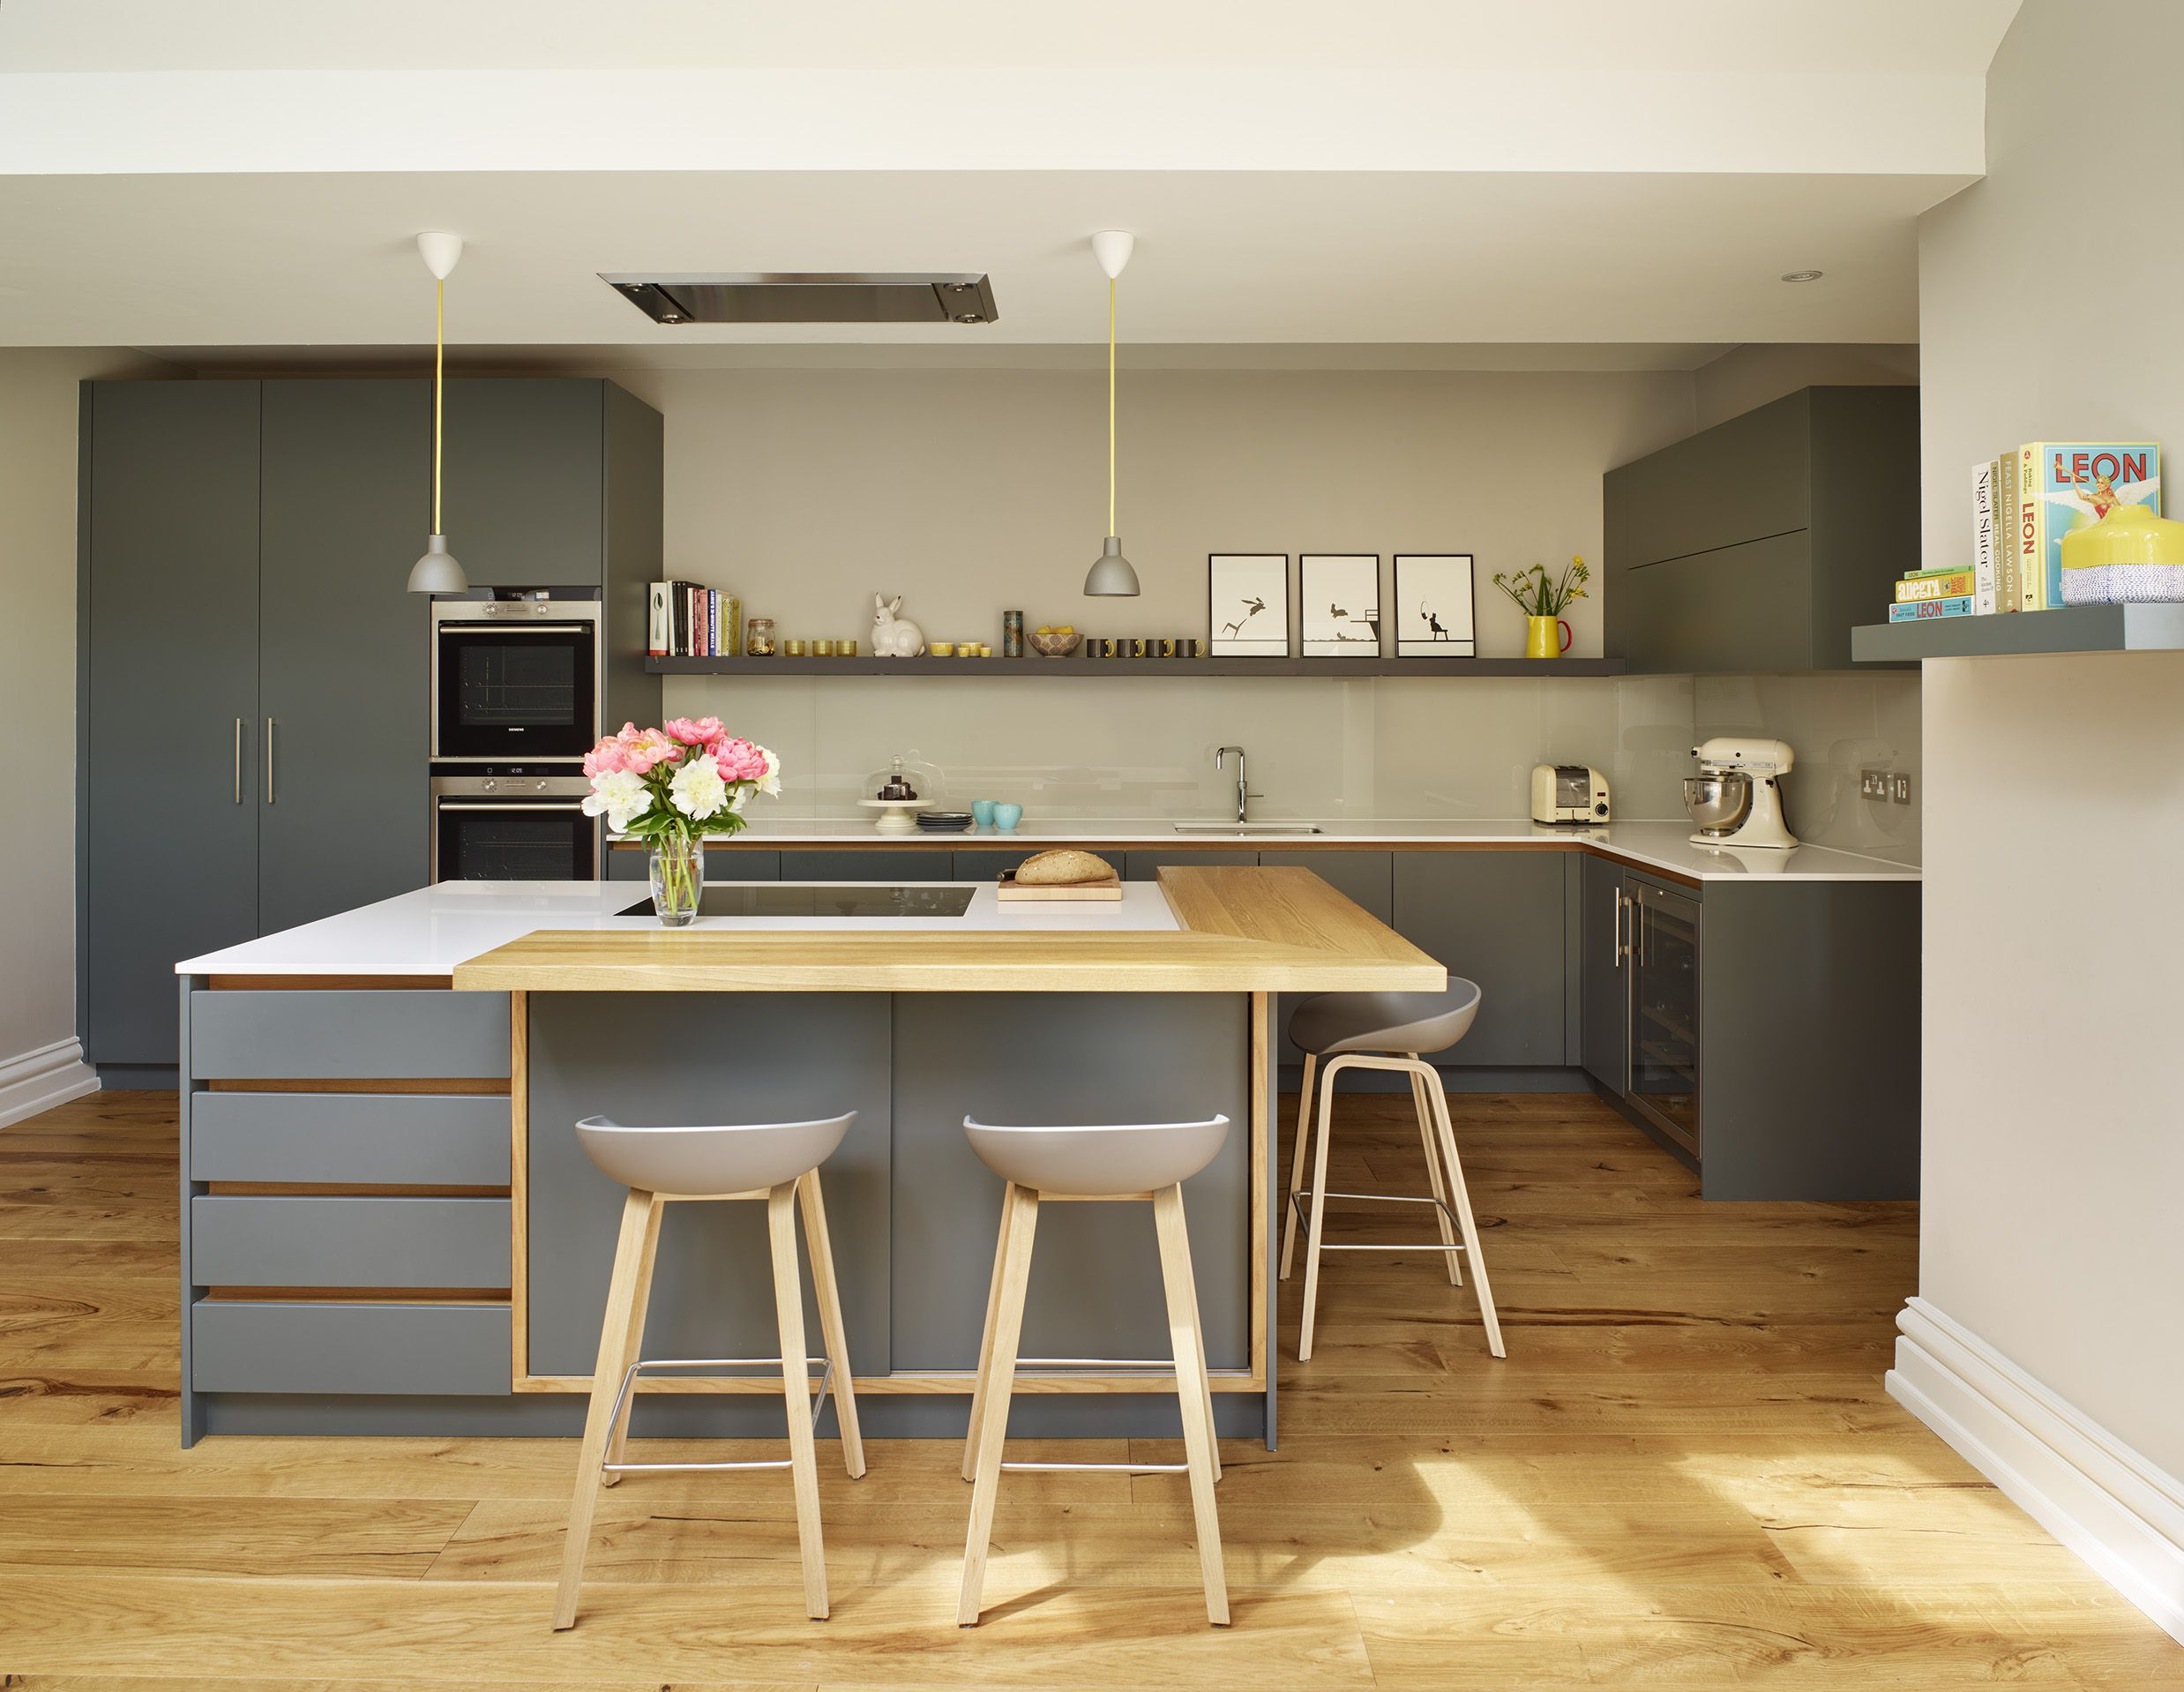 Innova küchen ~ An innova luca matt white kitchen diy kitchens